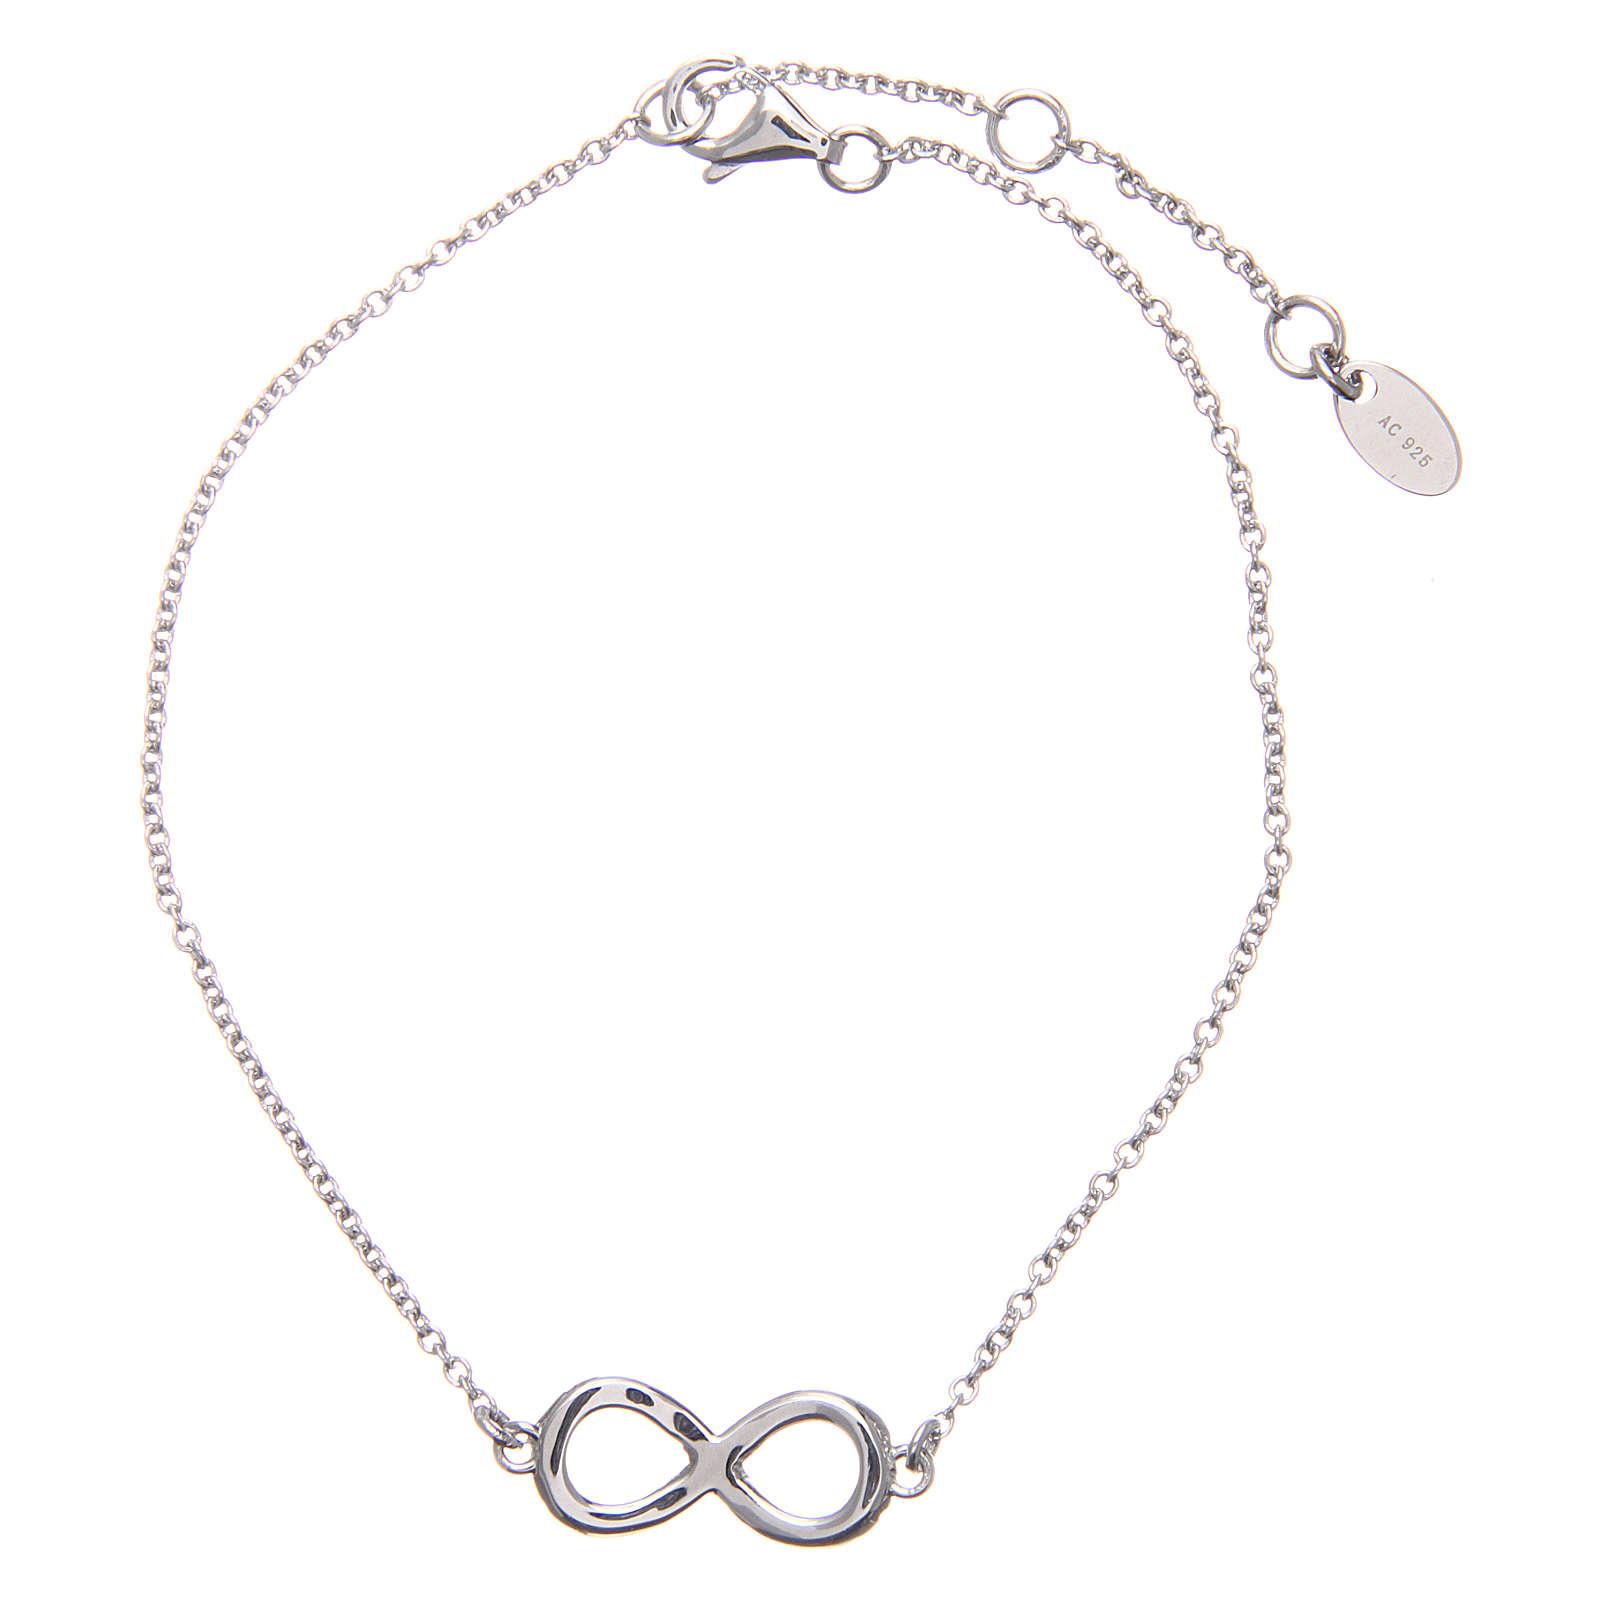 Bracciale AMEN argento 925 rodiato infinito zirconi bianchi 4